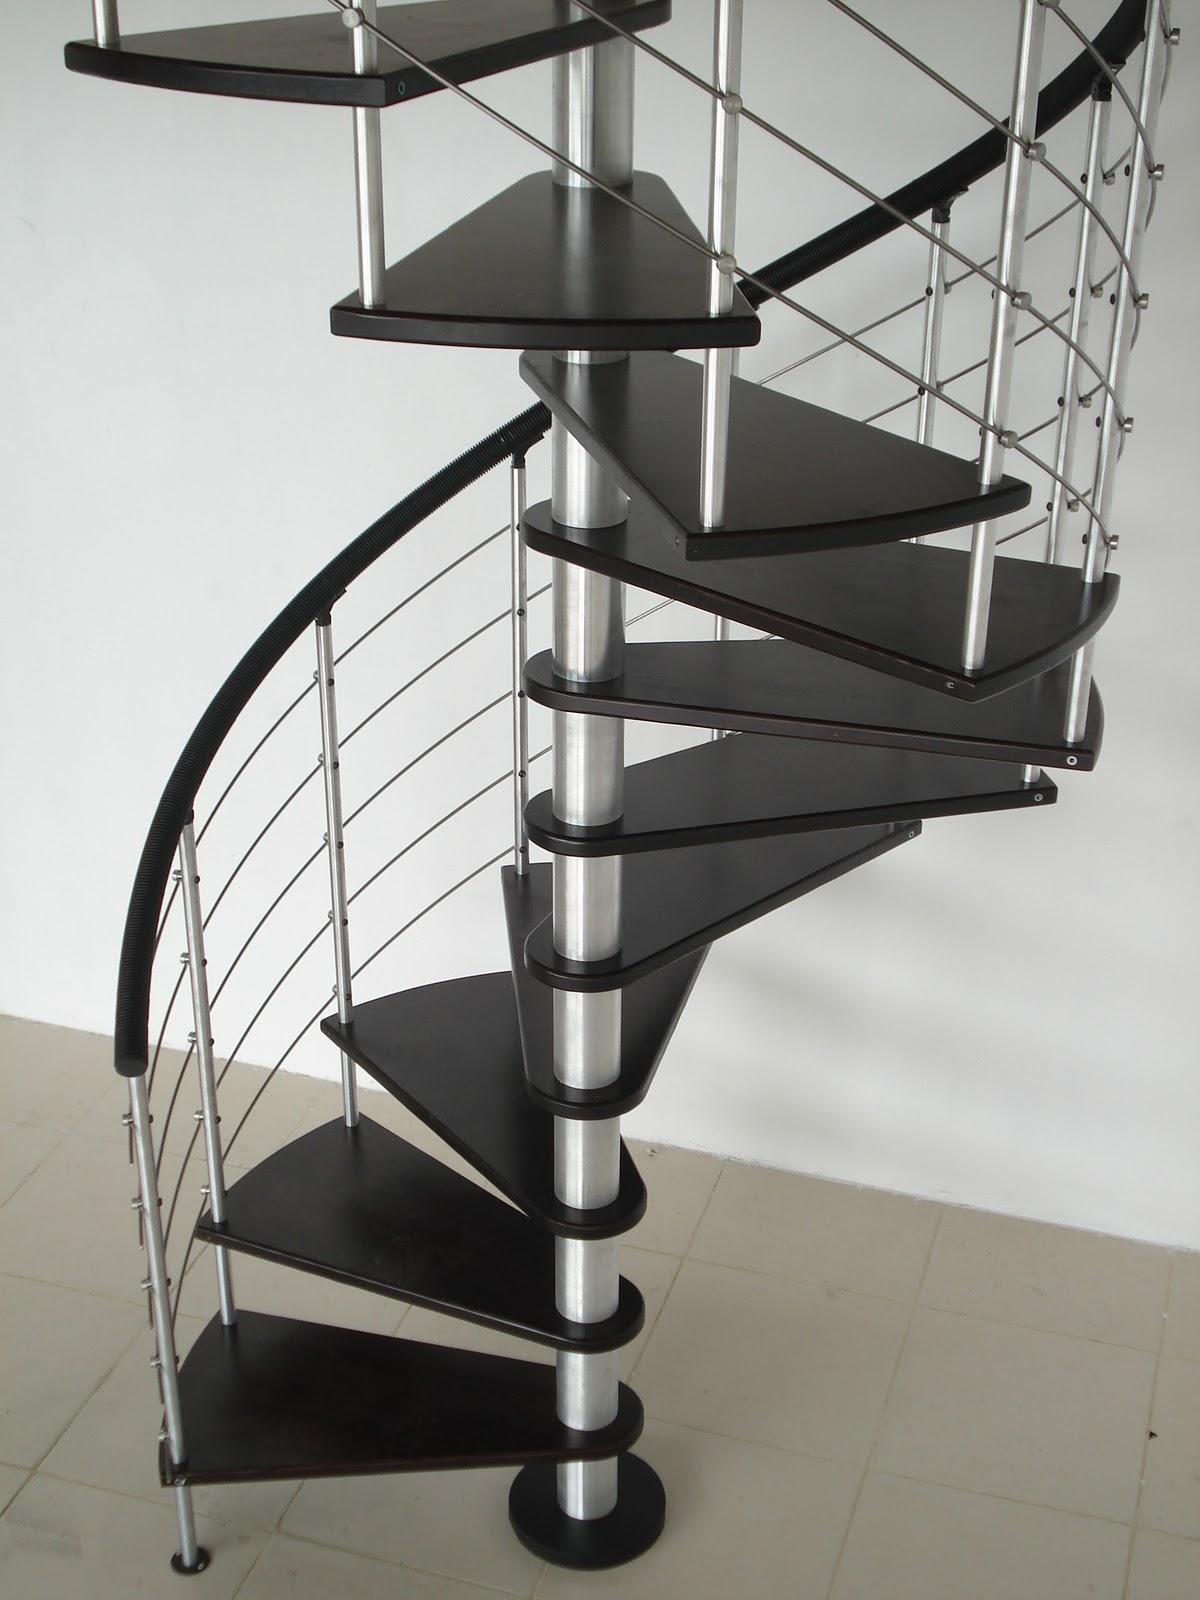 Revista digital apuntes de arquitectura alternativas a - Escaleras de caracol ...